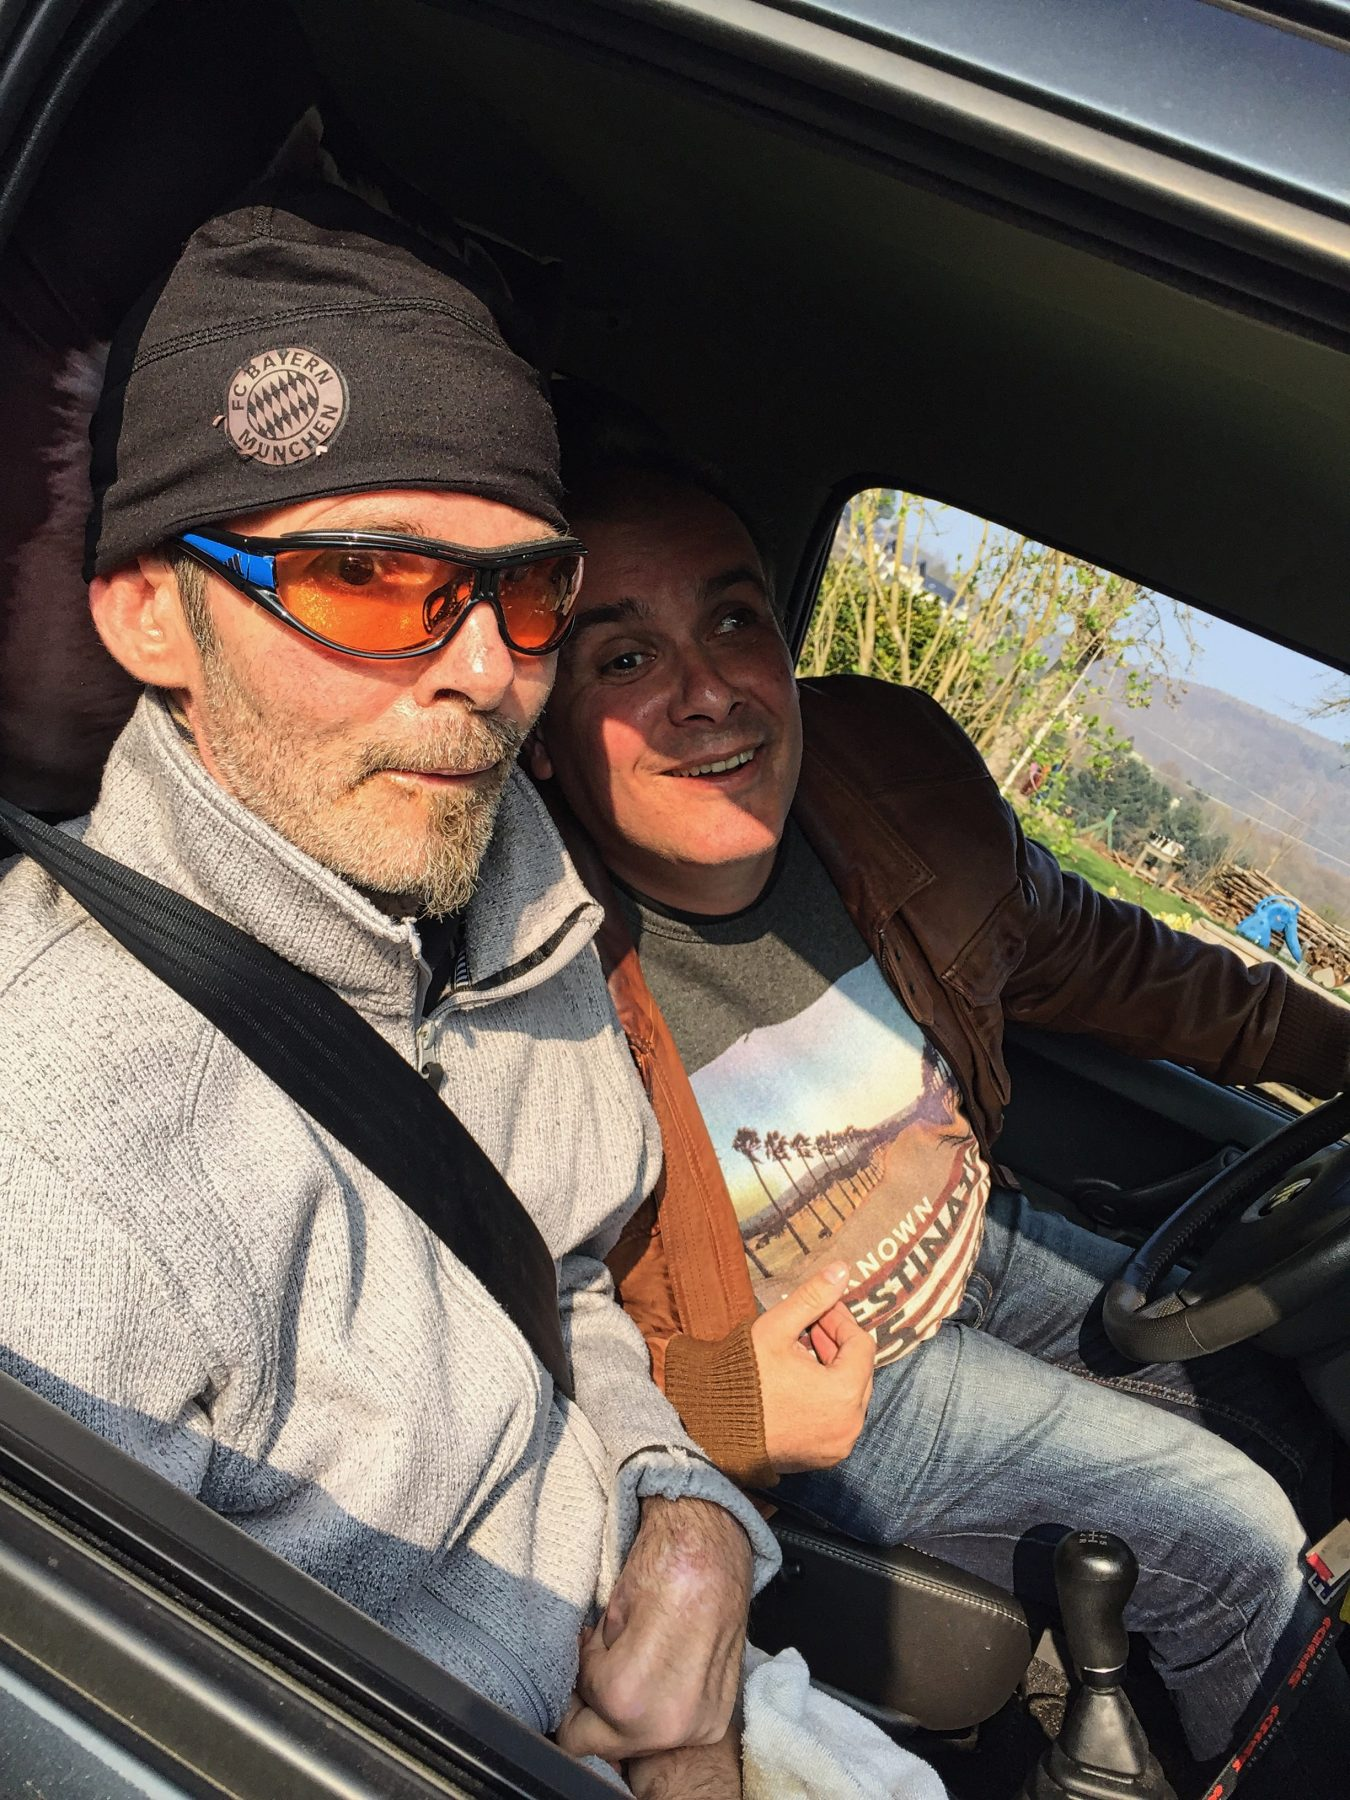 Uwe und Stefan beim Autofahren. Stefan in freudiger Erwartung, alle anderen nicht ohne leichter Anspannung ;)